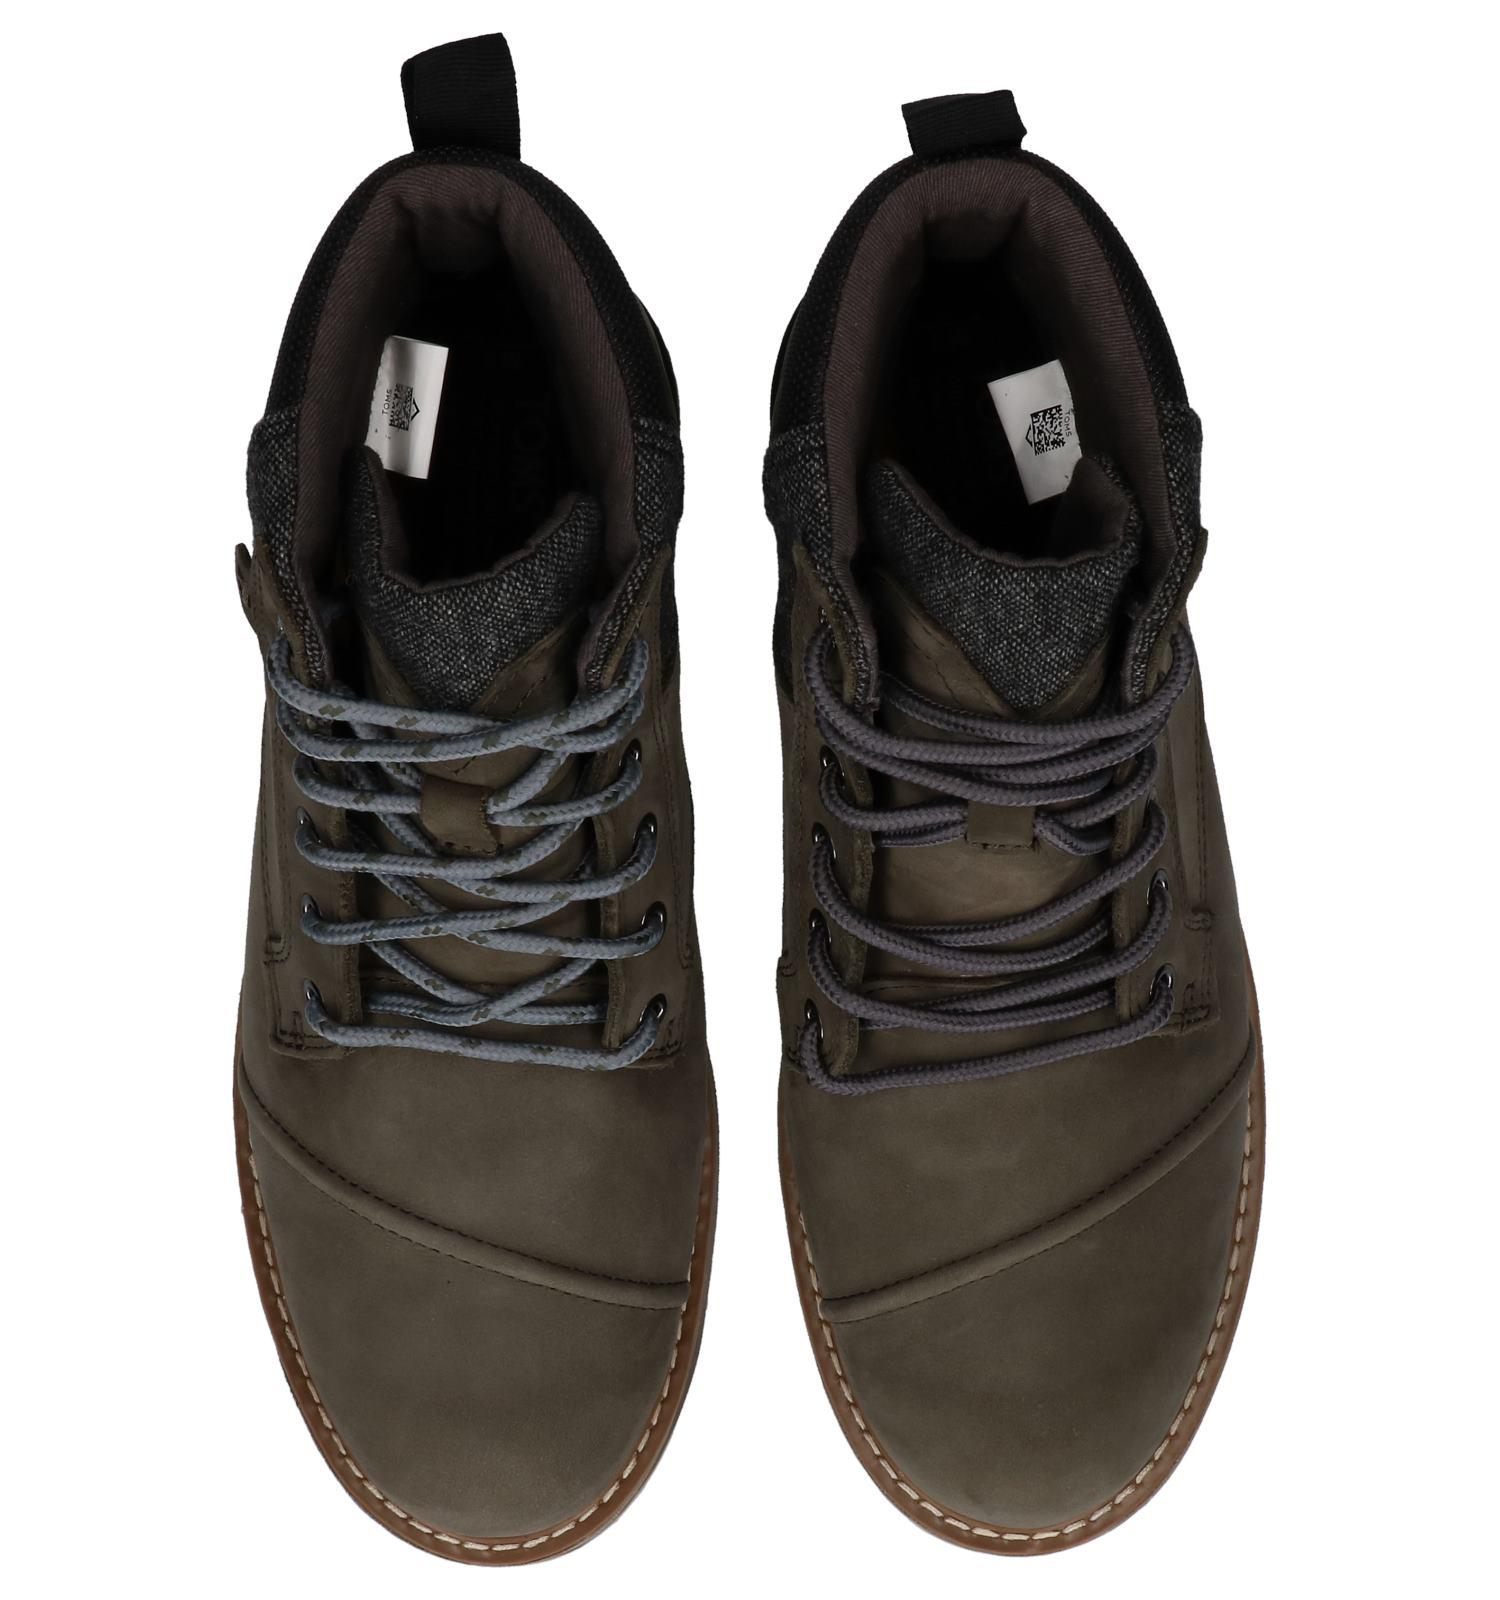 Boots Grijze Donker Toms Donker Grijze Grijze Toms Donker Boots Boots Toms Toms Donker PiOkXZwuT